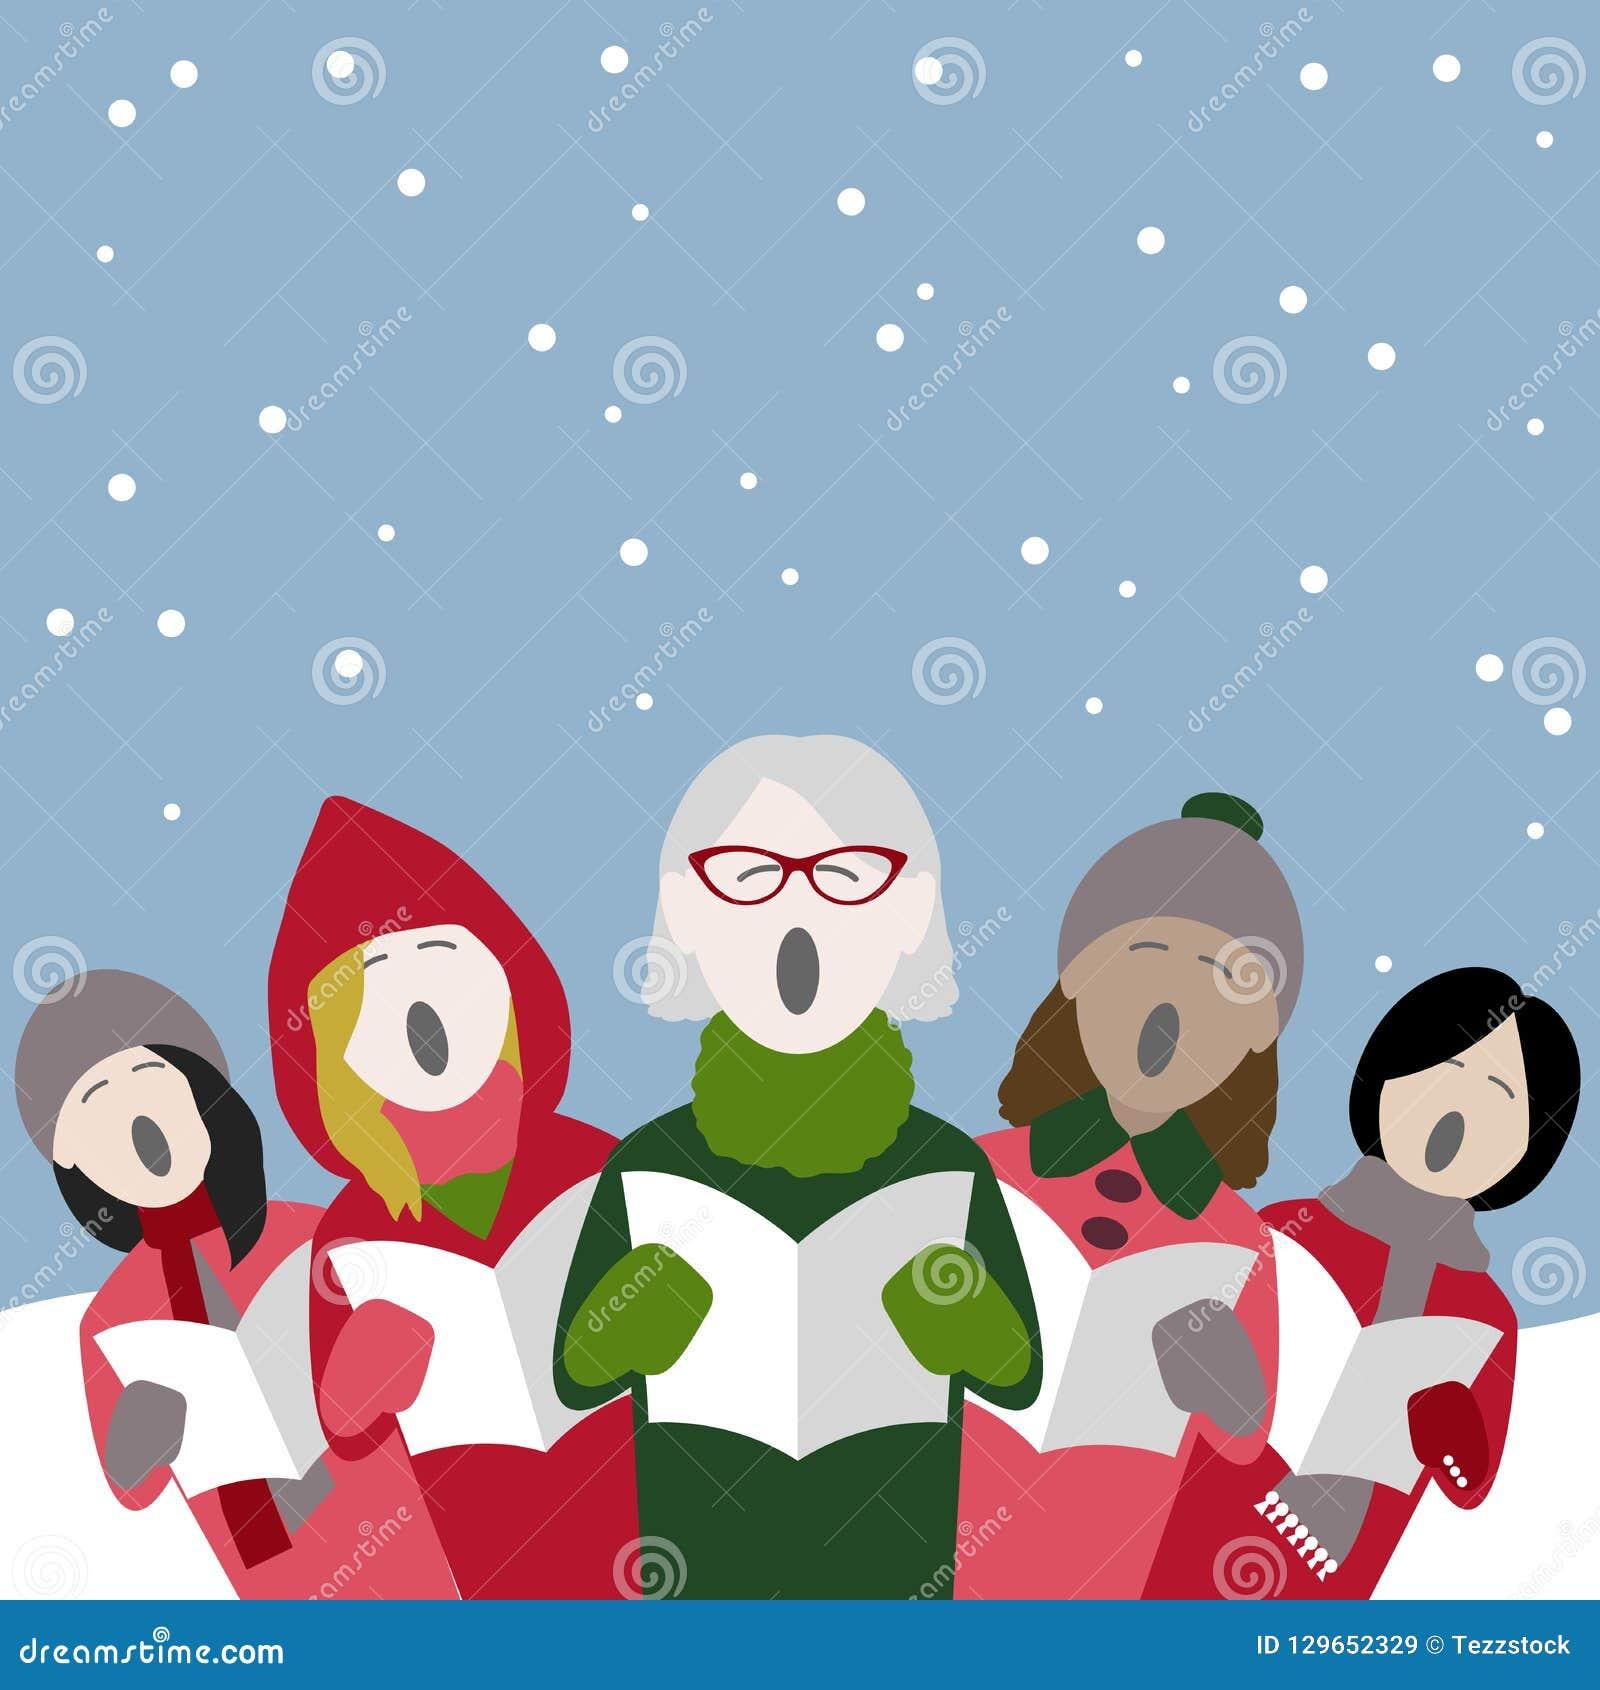 Snow singers